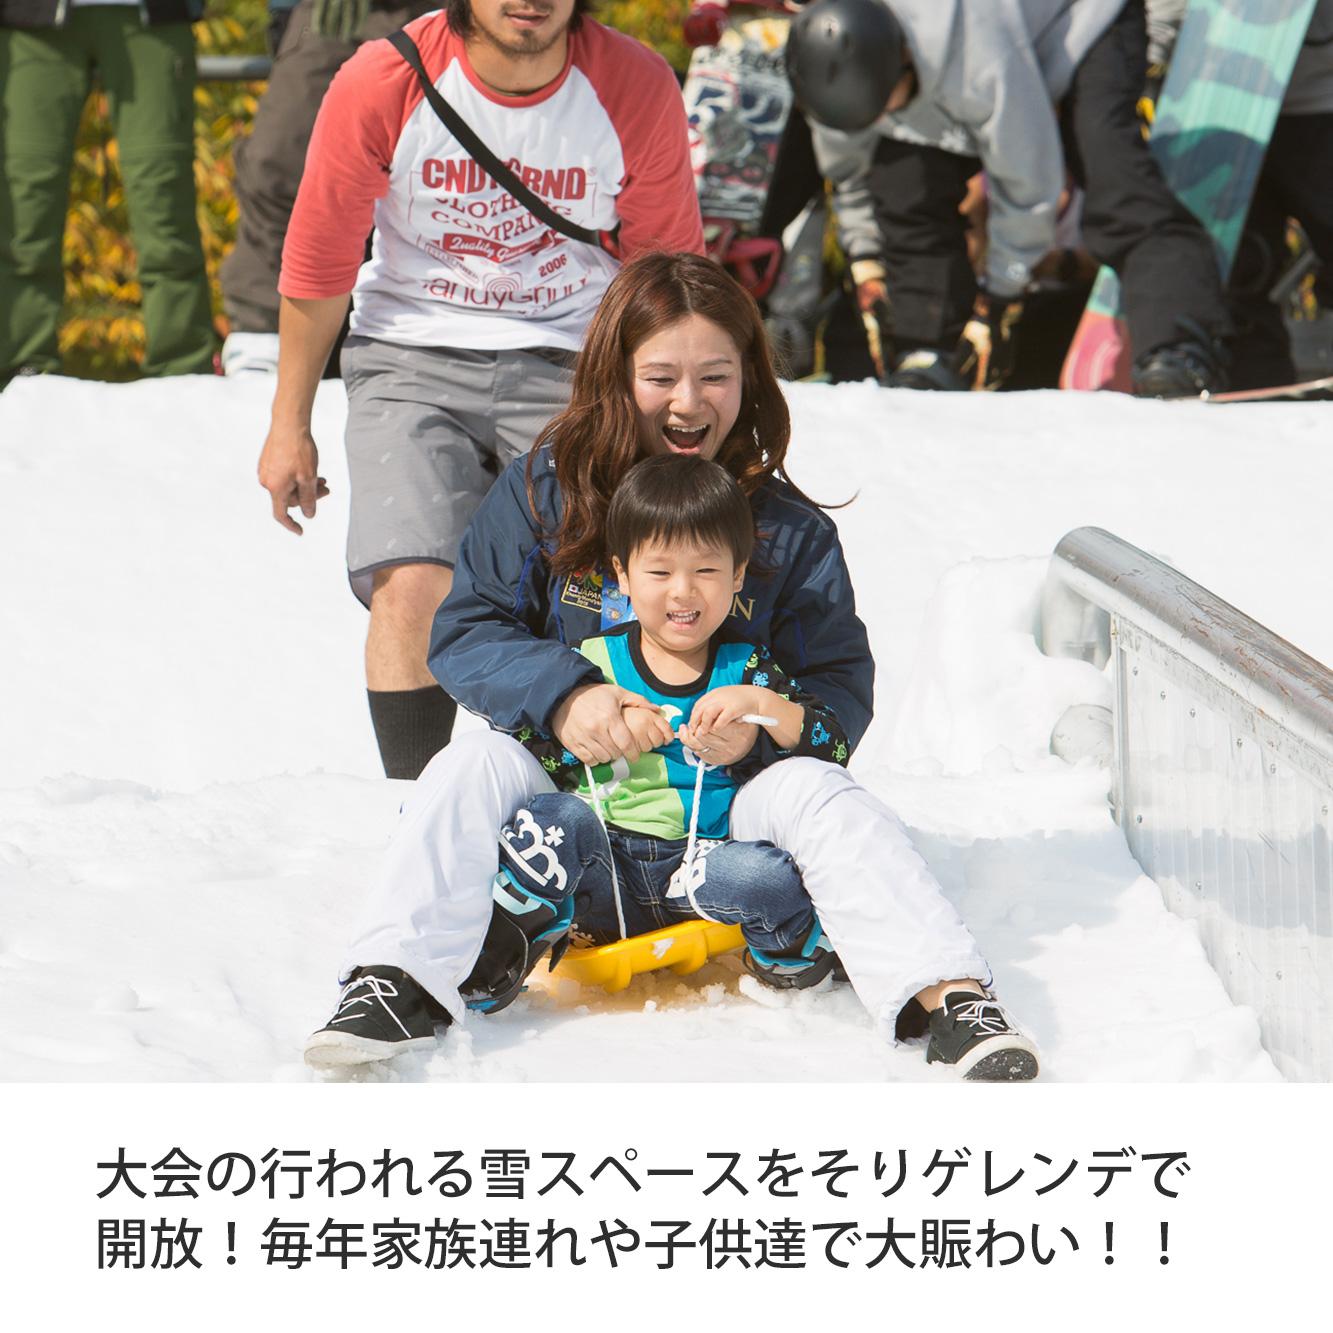 いち早く雪ソリを楽しめるチャンス!